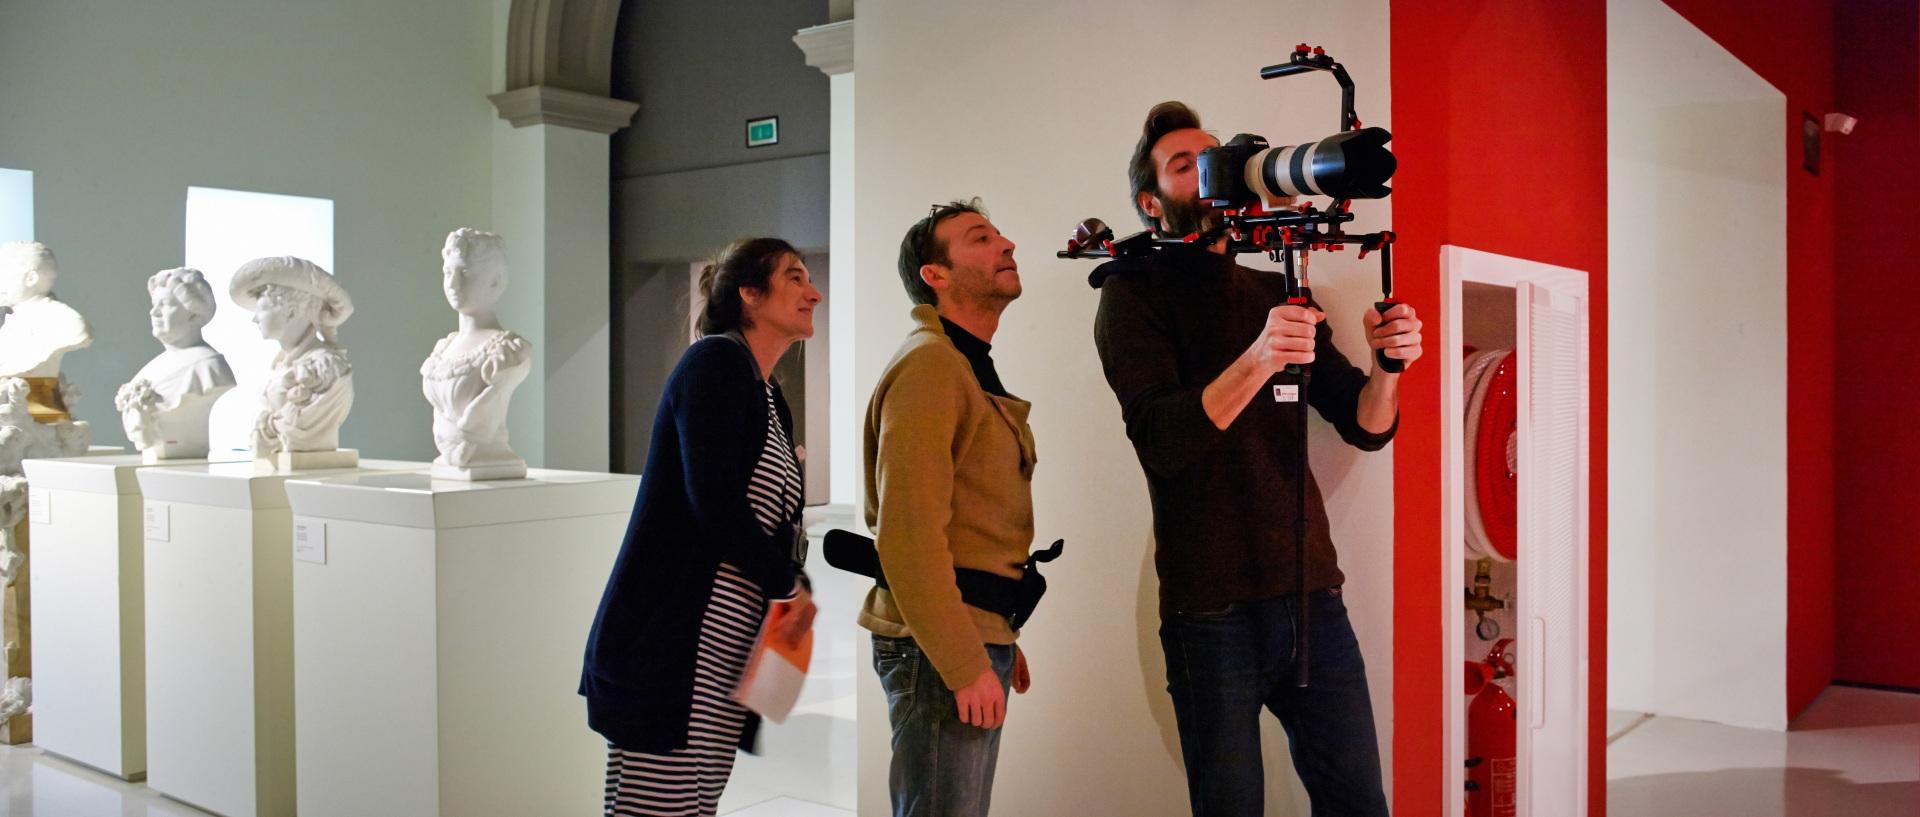 Making of de documental. Esculturas blancas, ayudante de dirección, director de fotografía y director con la cámara grabando en el Museu Nacional d\'Art de Catalunya.